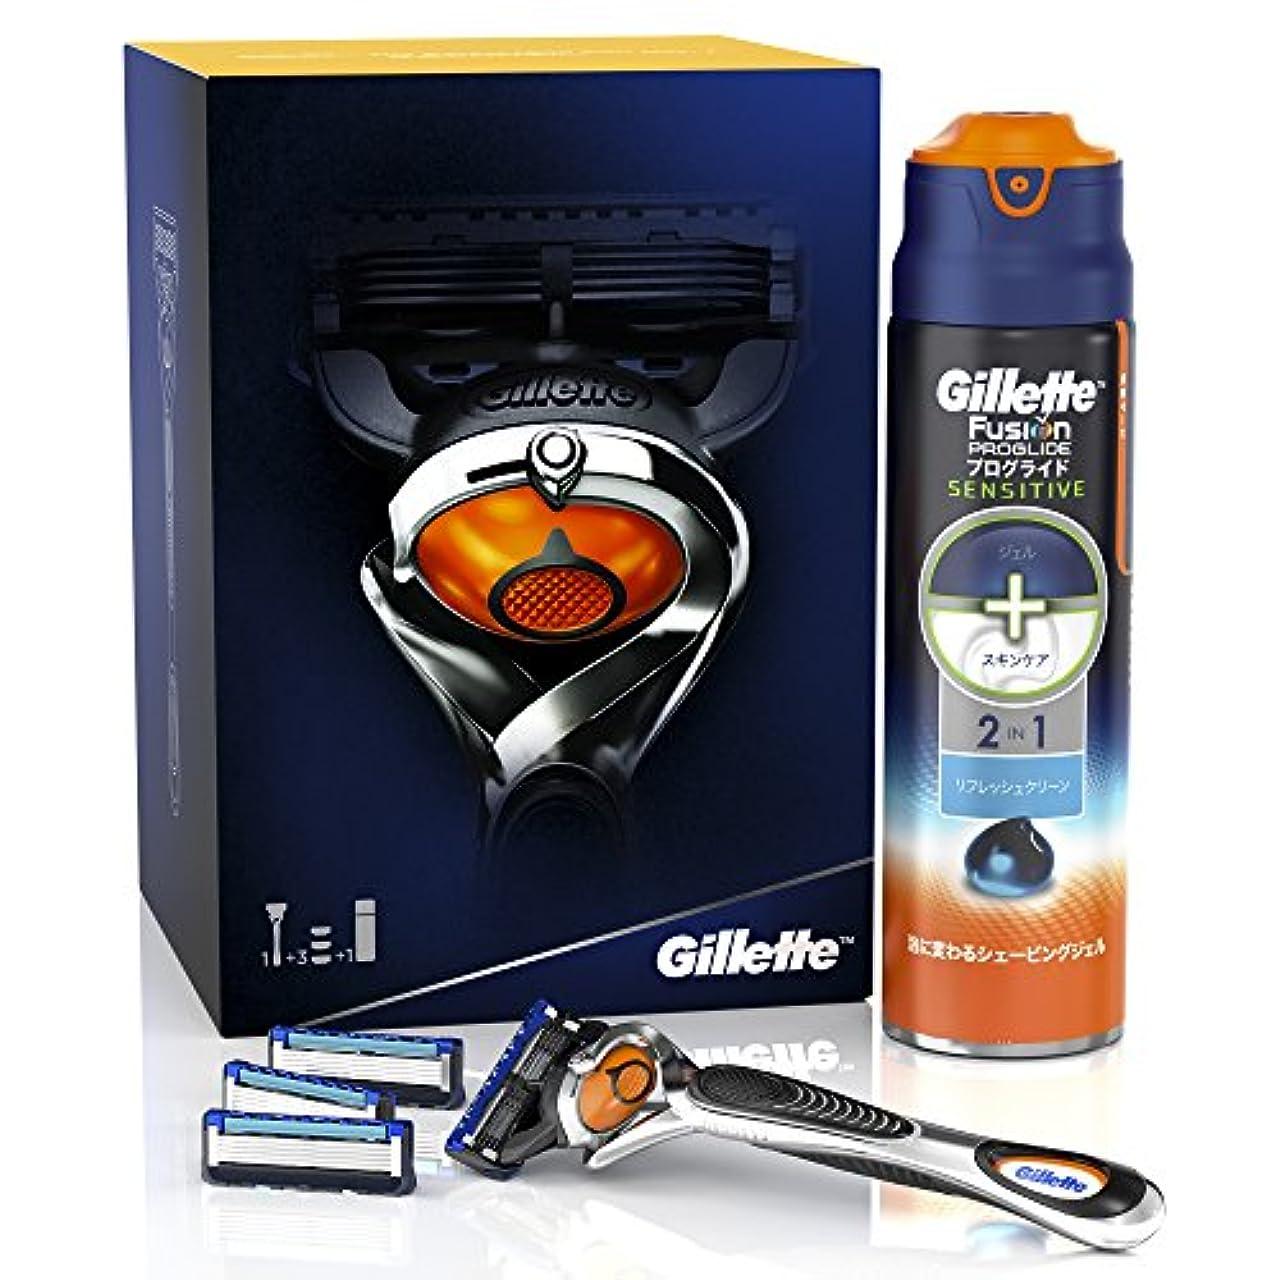 落胆させる合意一口ジレット 髭剃りプログライドギフトセット (マニュアルホルダー+ 替刃3個 + ジェルフォーム リフレッシュクリーン 168g)